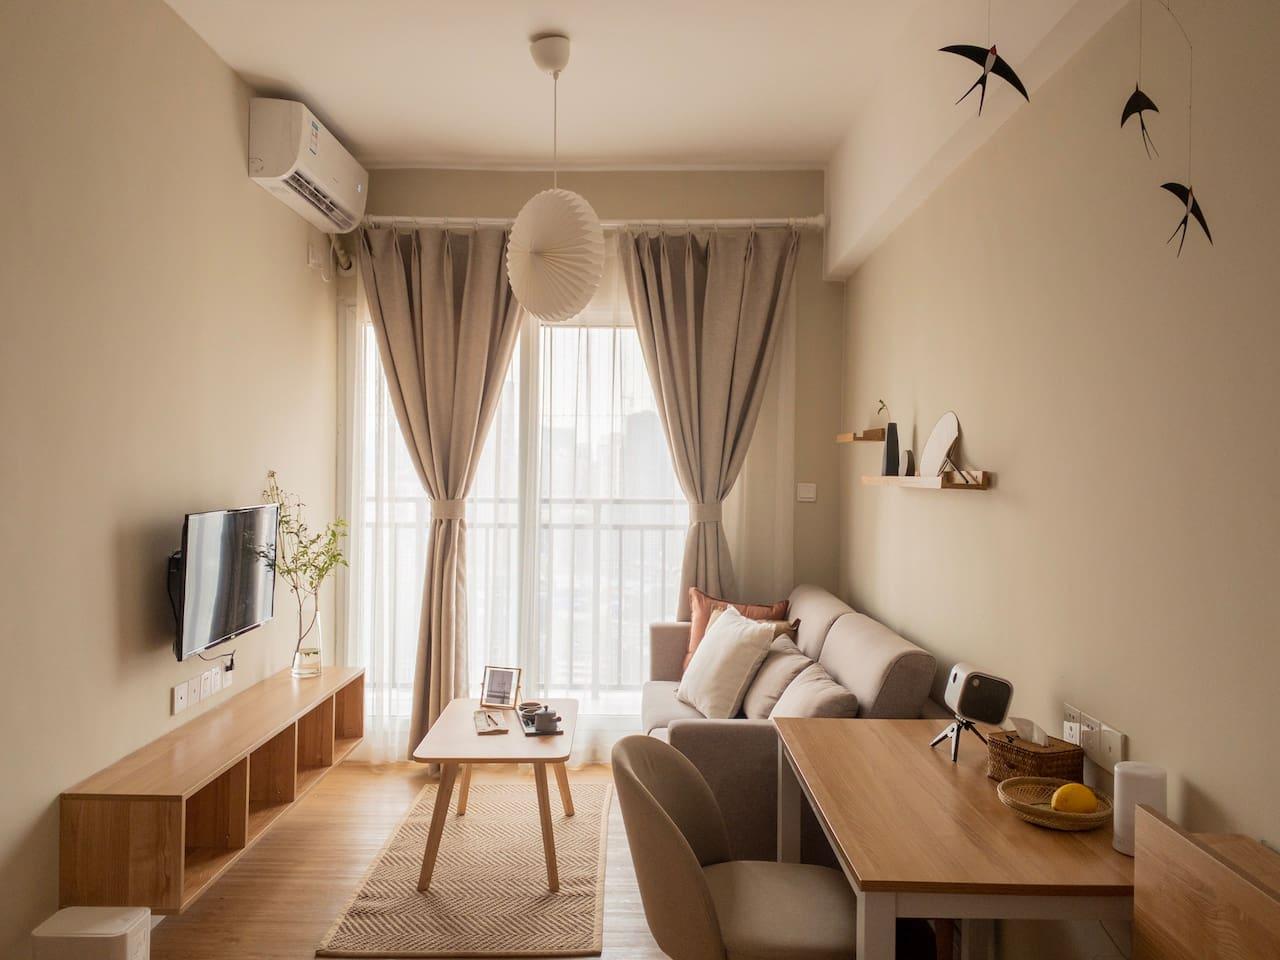 设计灵感来源于MUJI酒店,精选实木家具与设计师品牌灯具,打造一个兼具舒适感和美貌度的宜居空间。